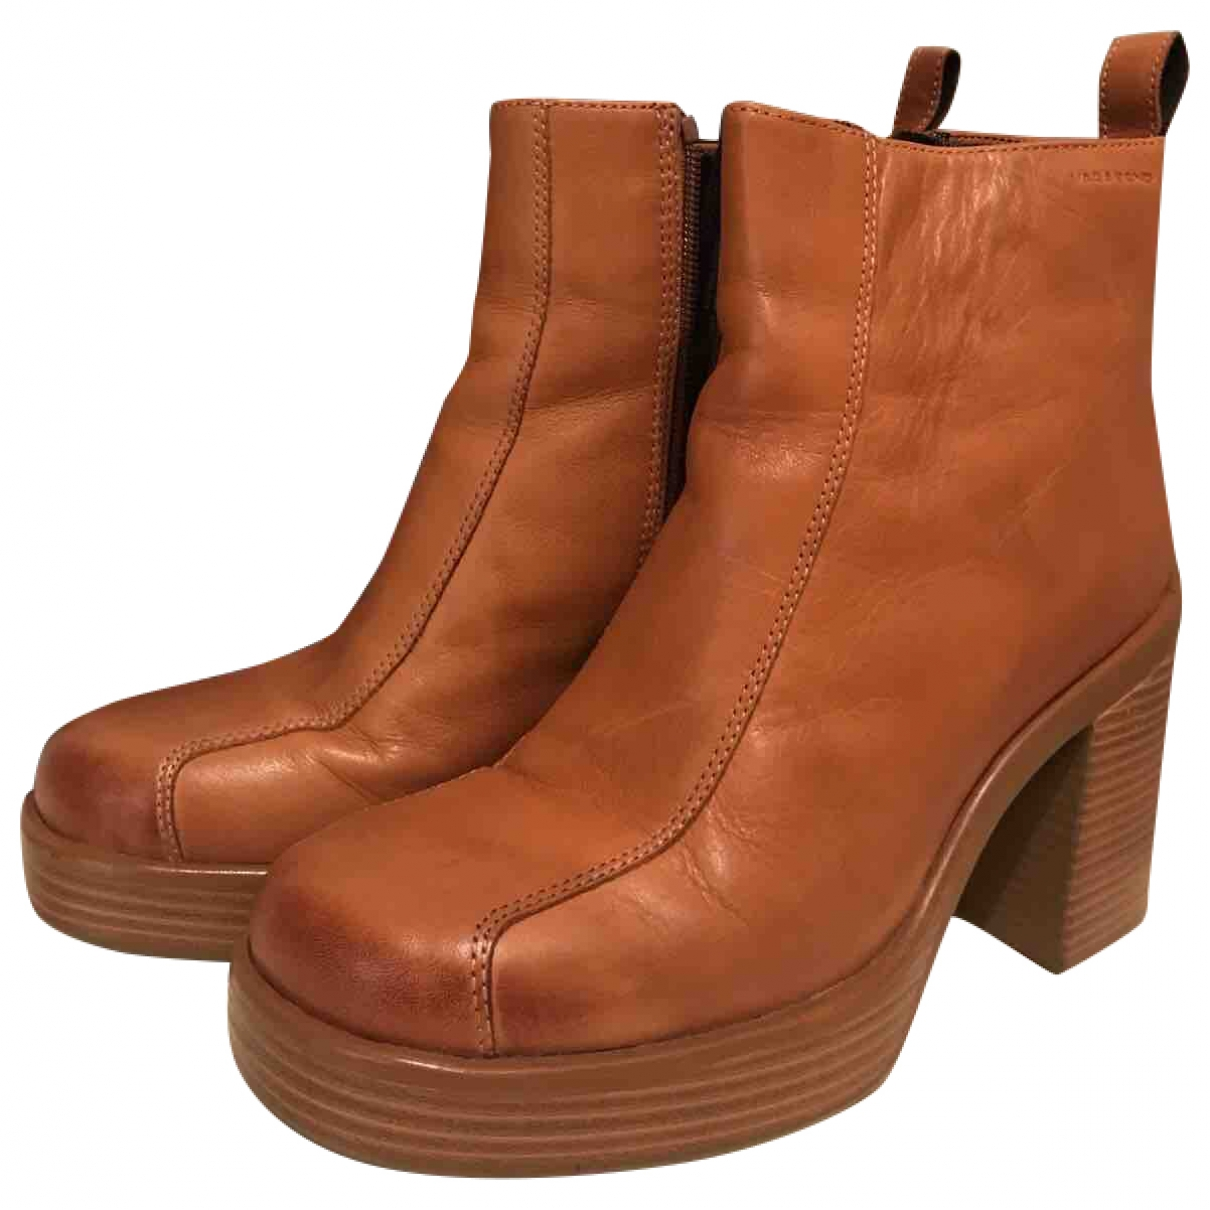 Vagabond - Boots   pour femme en cuir - marron